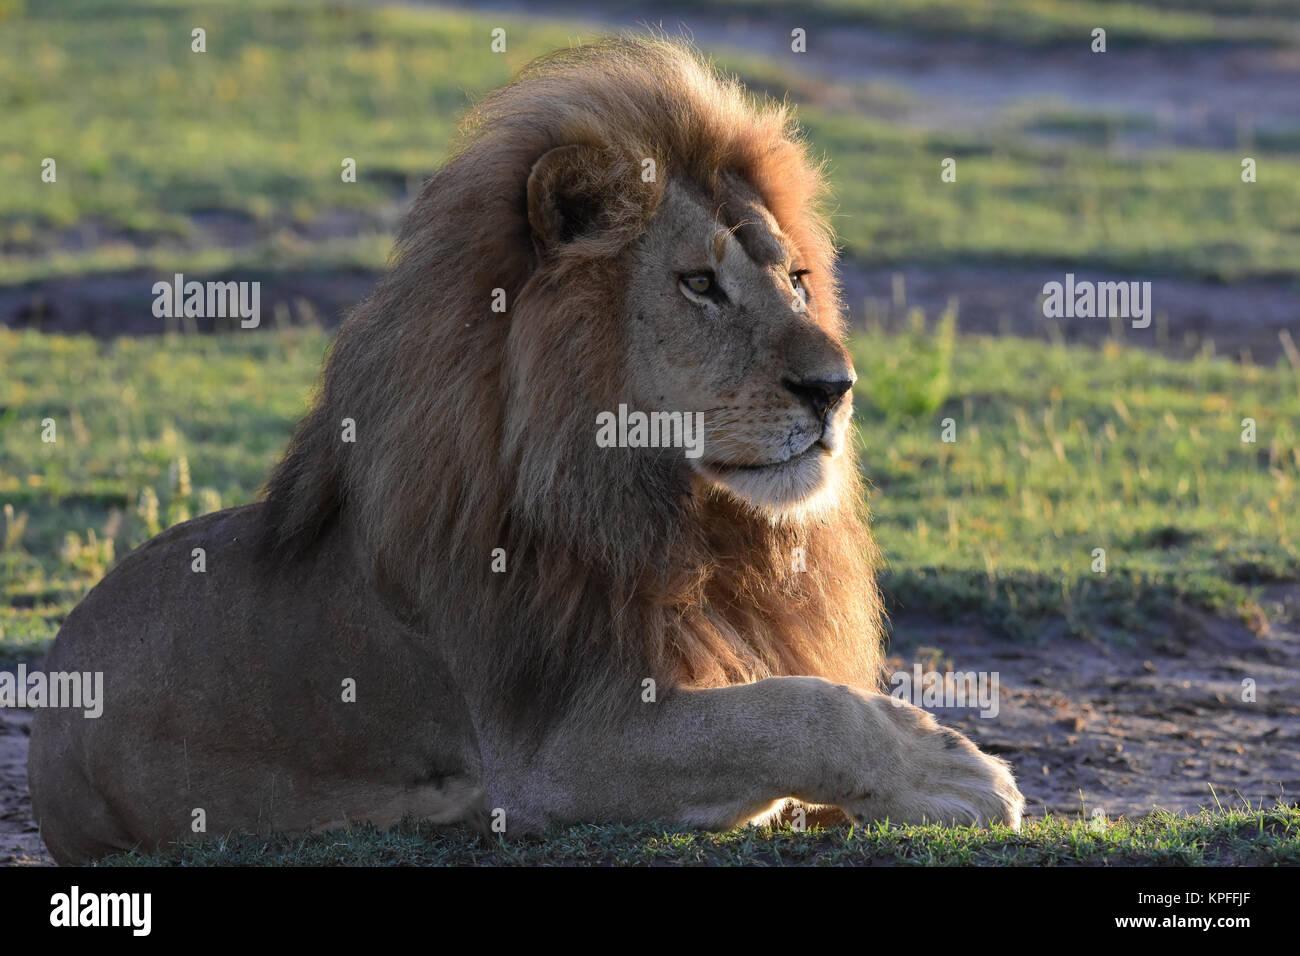 Wildlife Sightseeing in einer der Tierwelt Reiseziele auf earht - Serengeti, Tansania. Stattliche männliche Stockbild